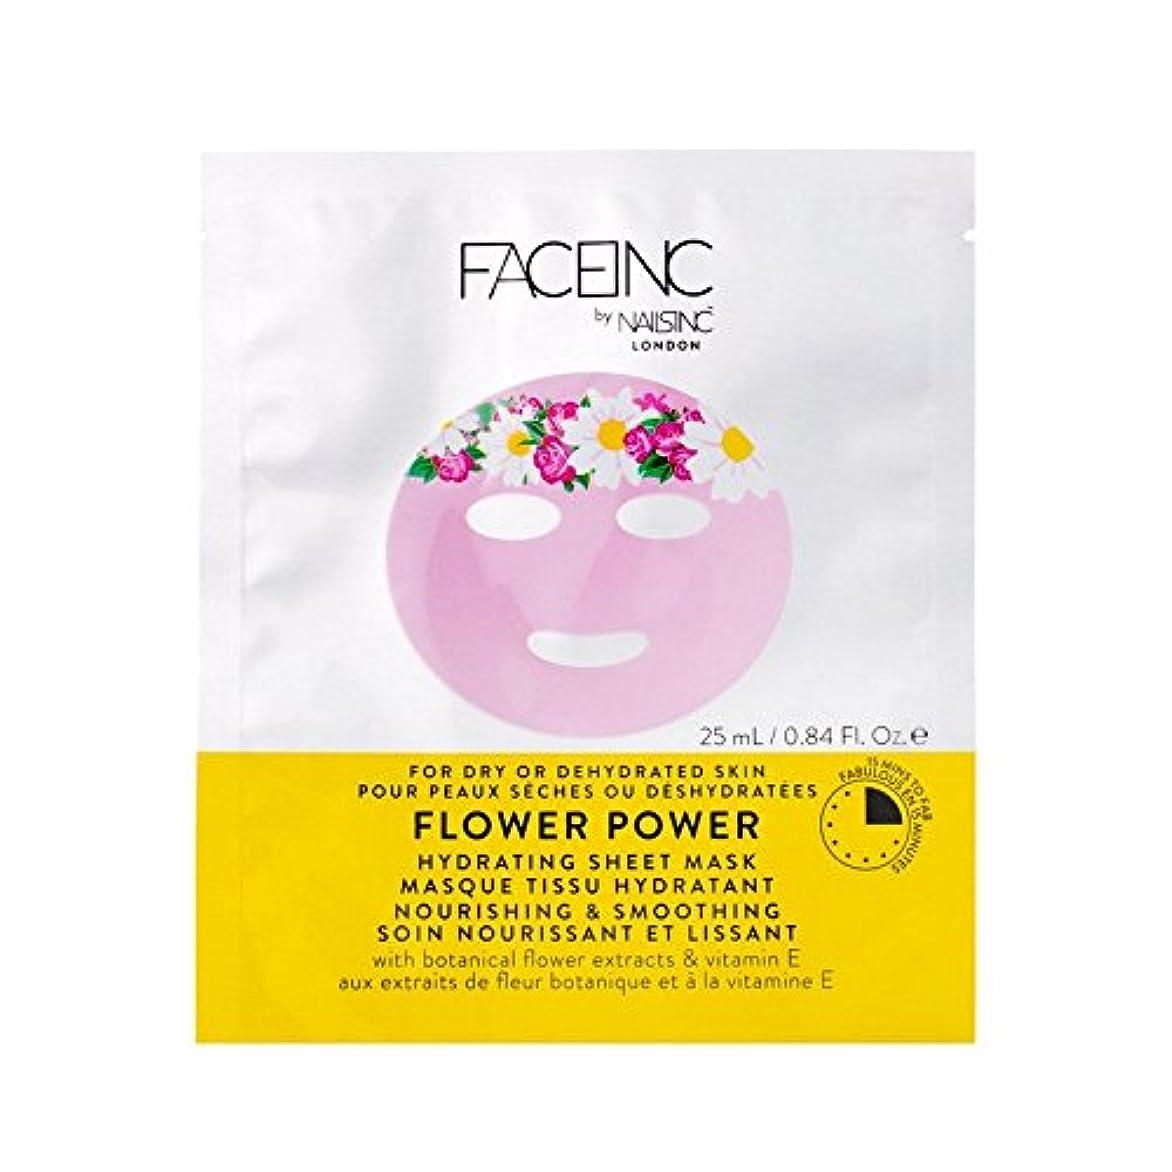 白内障リンク居心地の良いNails Inc. Face Inc Flower Power Mask (Pack of 6) - 爪が株式会社顔株式会社花のパワーマスク x6 [並行輸入品]